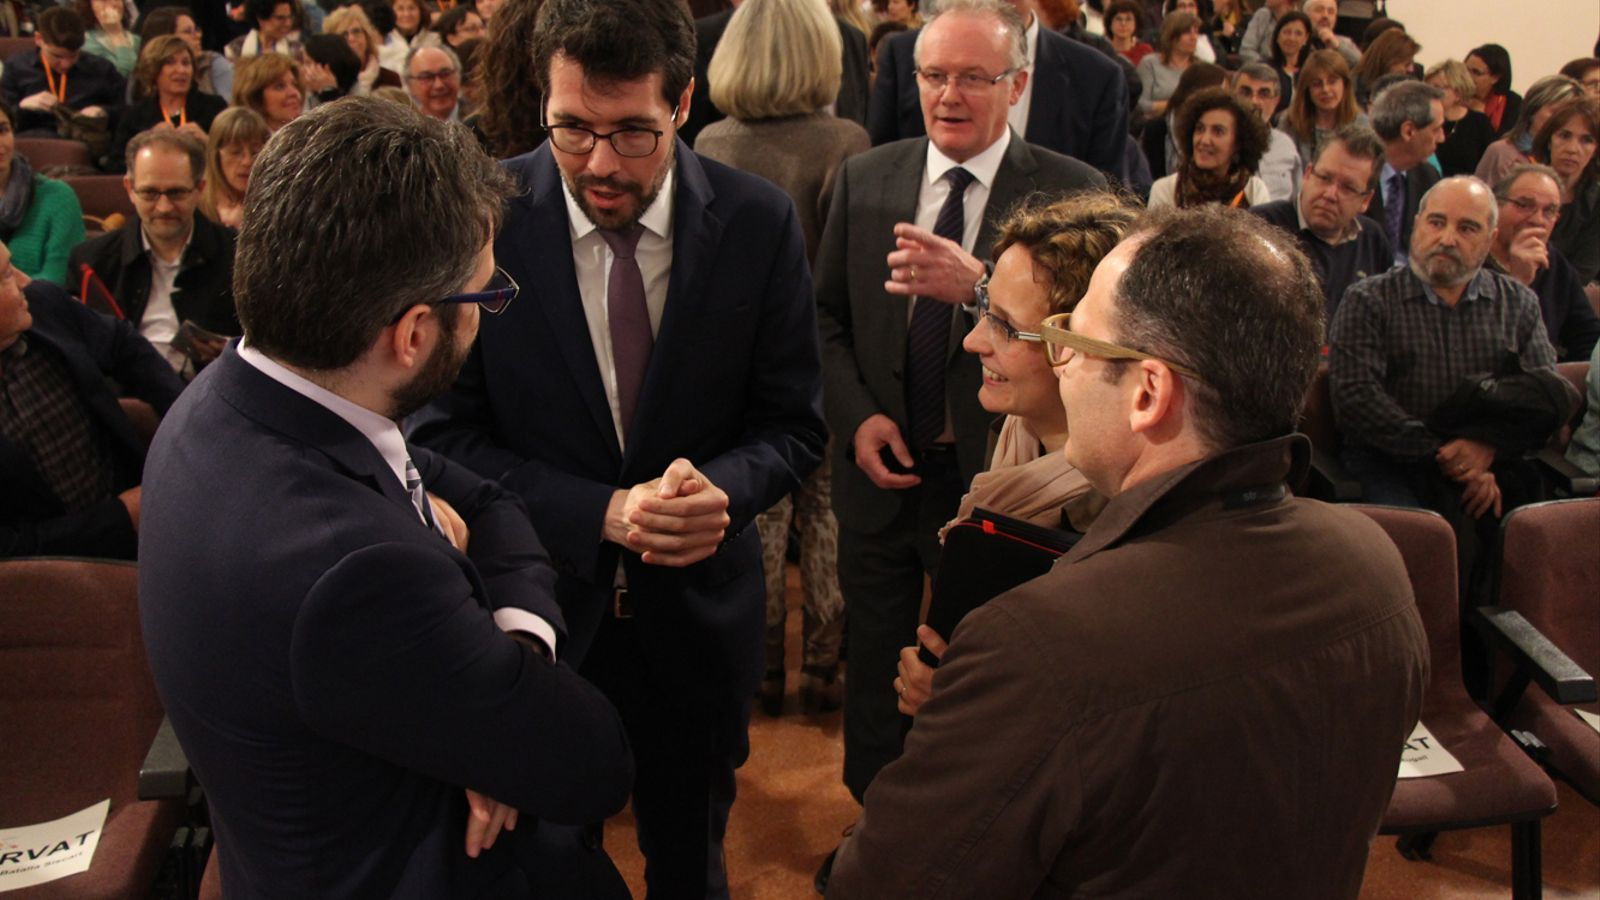 L'alcalde de la Seu d'Urgell, Albert Batalla, conversa amb el ministre d'Educació i Ensenyament Superior, Eric Jover, abans de la inauguració del congrés